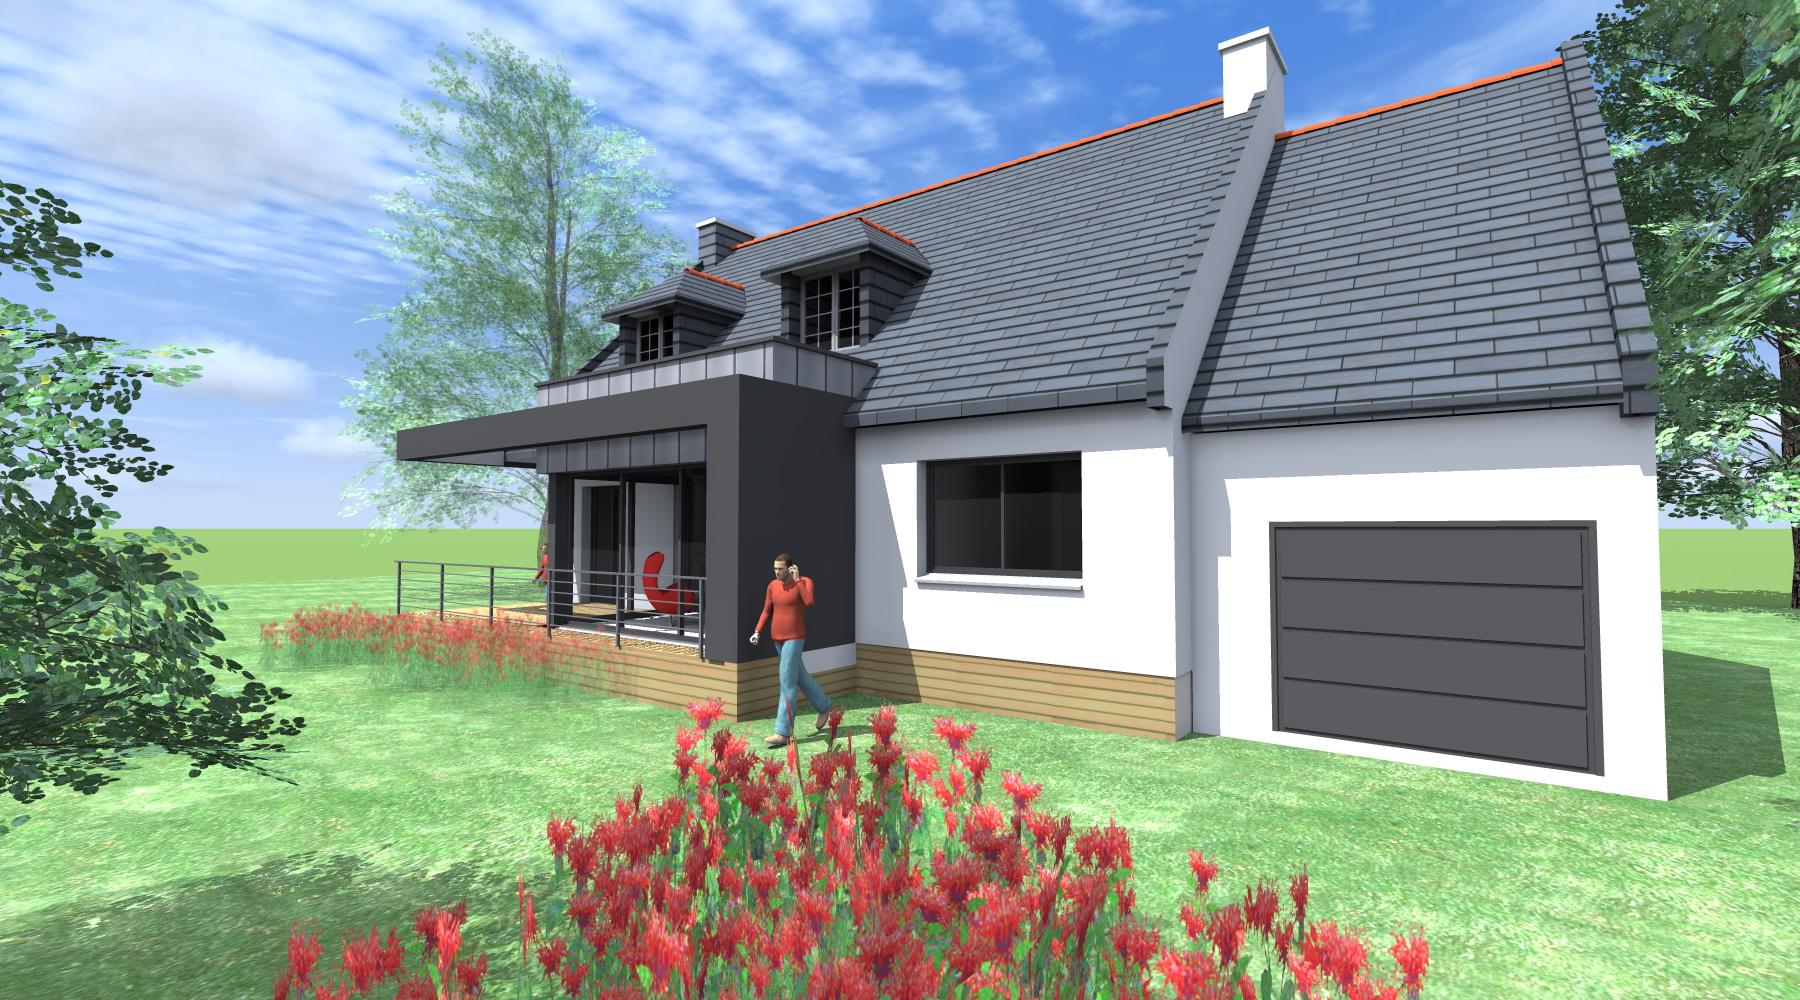 Agrandissement Maison Néo Bretonne agrandissement maison - 1.2 vue – architecte / lise roturier